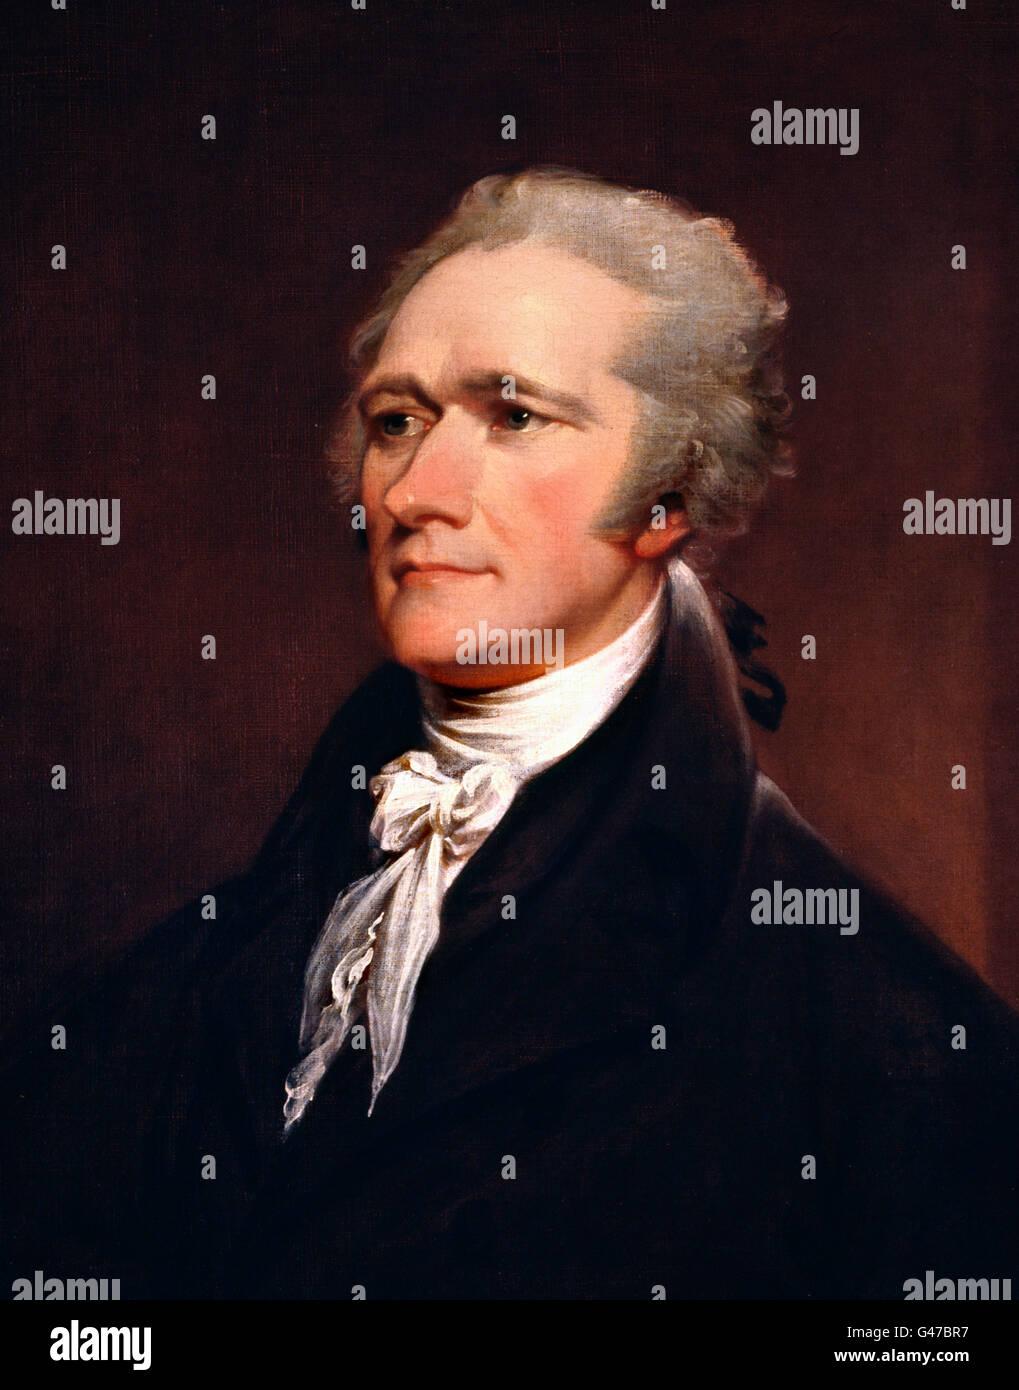 Alexander Hamilton (1755-1804). Portrait par John Trumbull, huile sur toile, 1806 Photo Stock